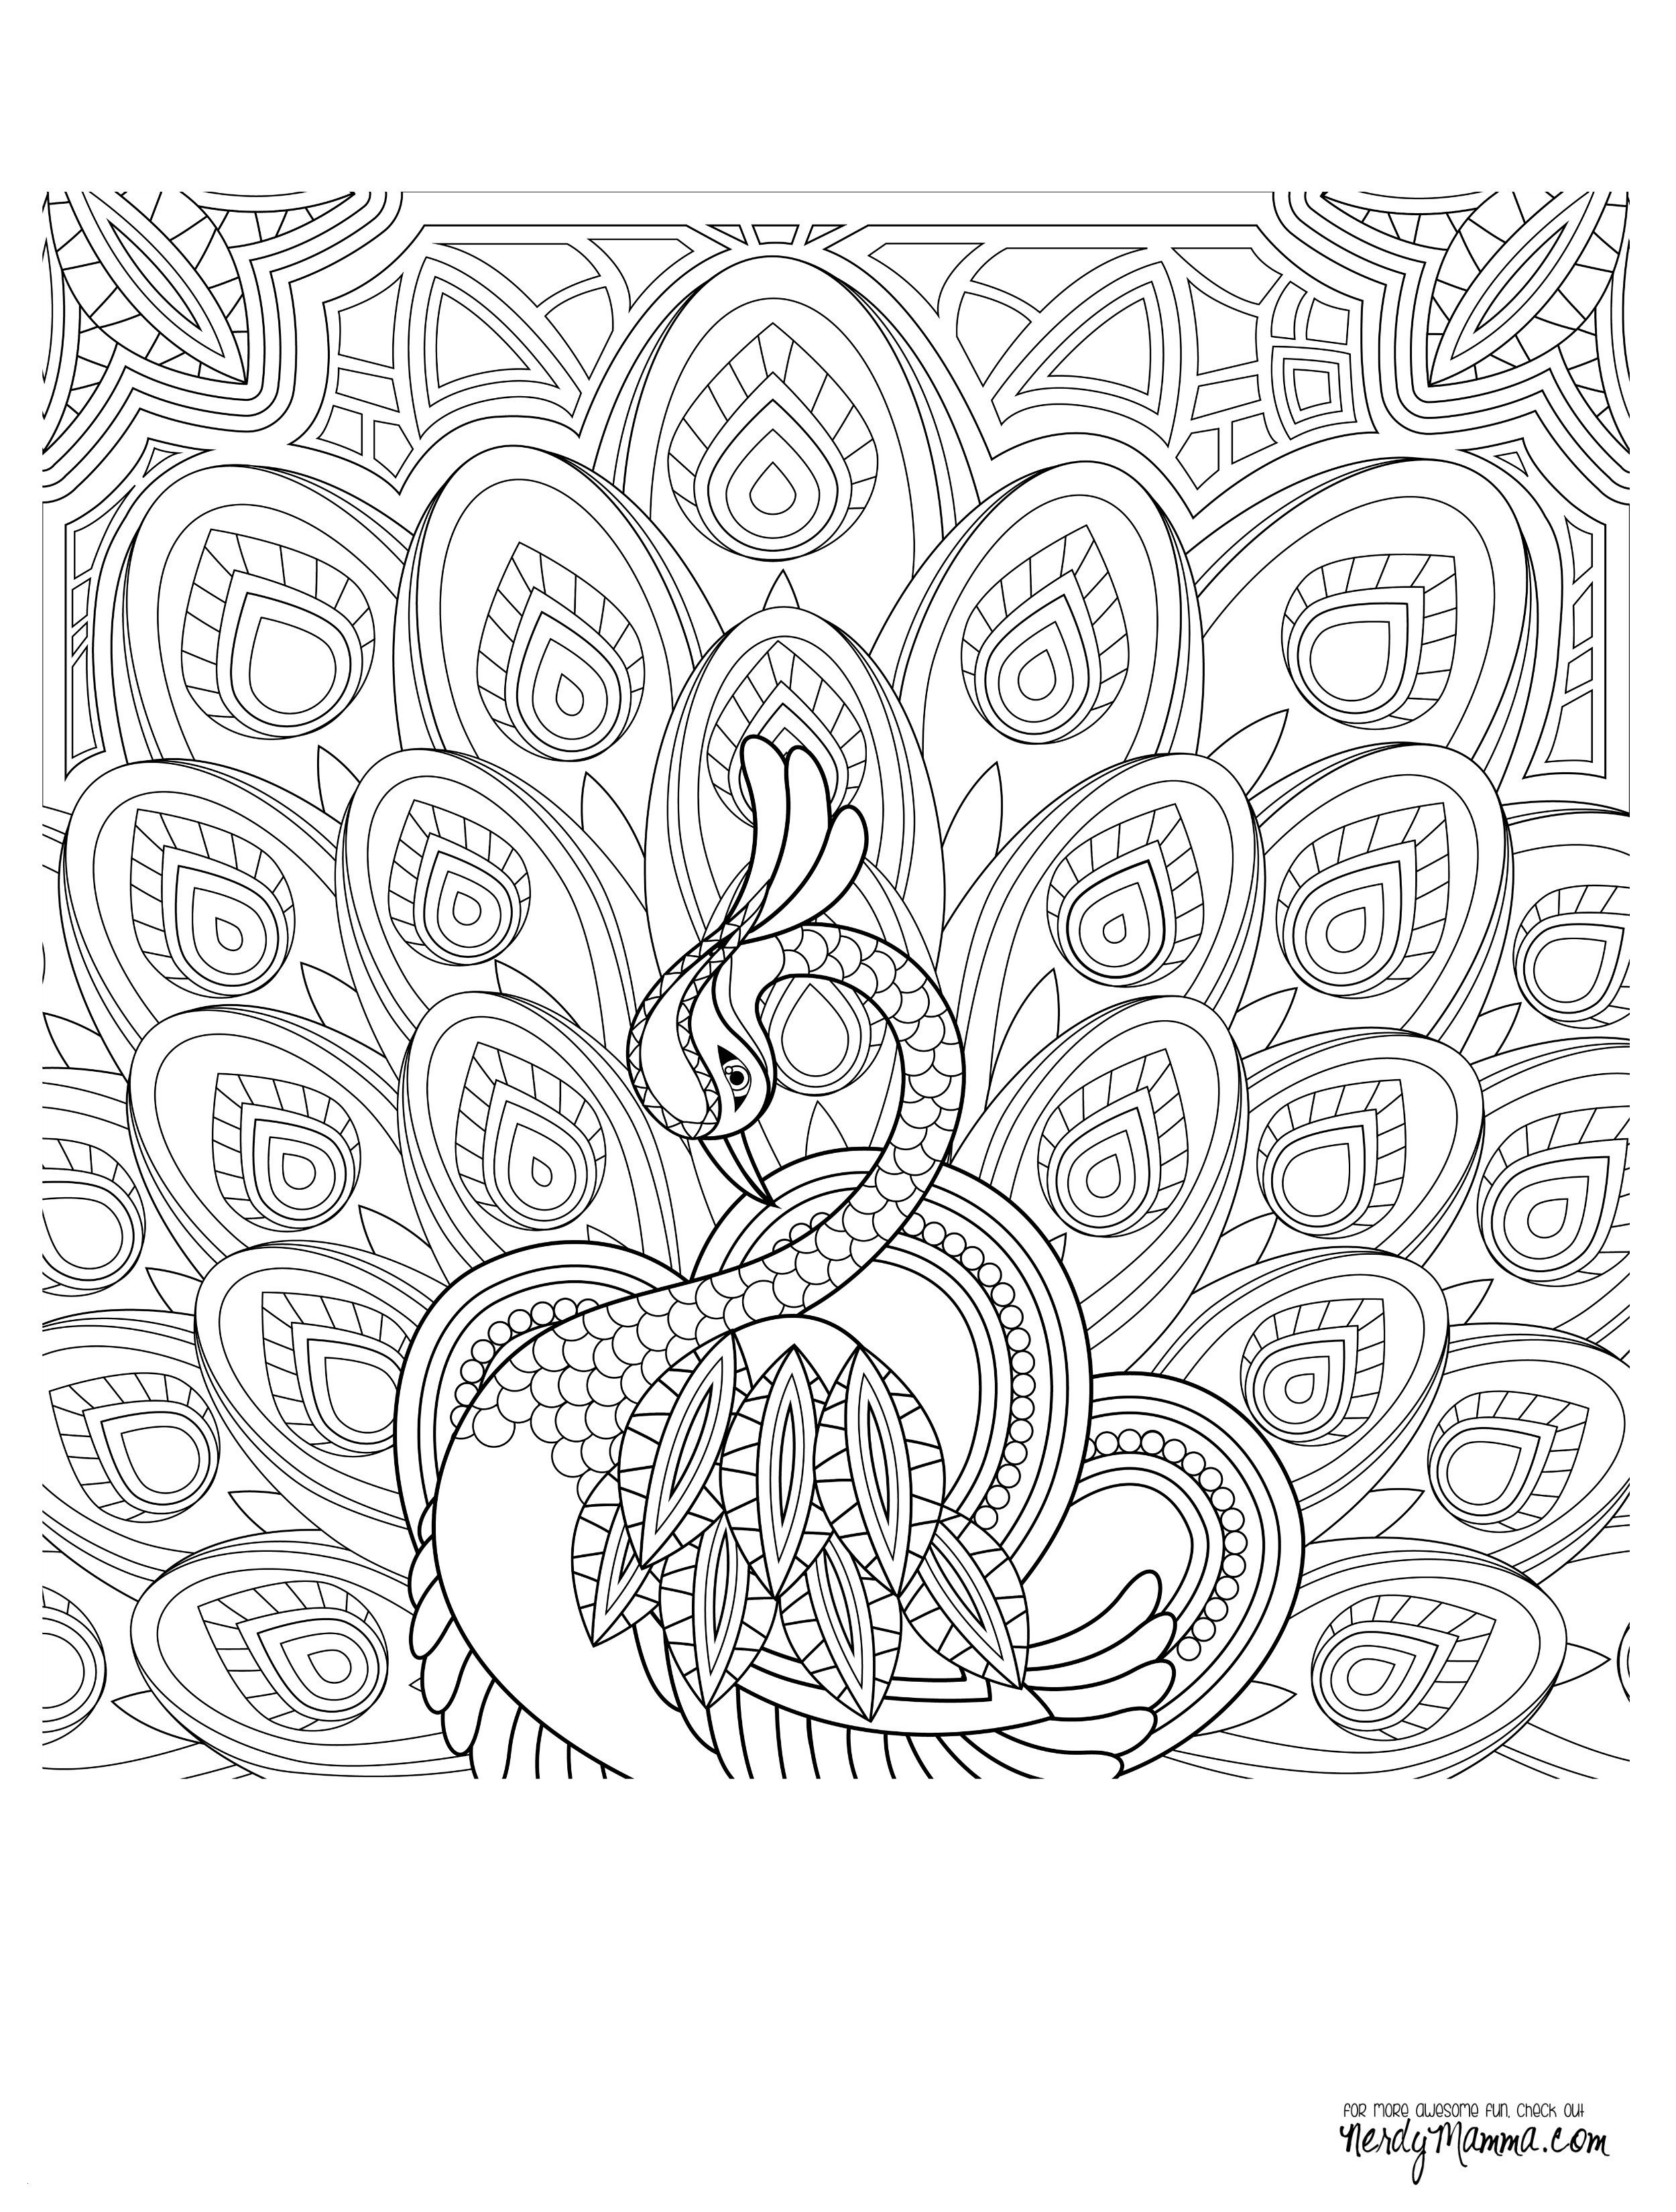 Malvorlage Eule Auf ast Einzigartig Eule Malvorlagen Pdf Exzellente 40 Malvorlagen Mandala Scoredatscore Fotos